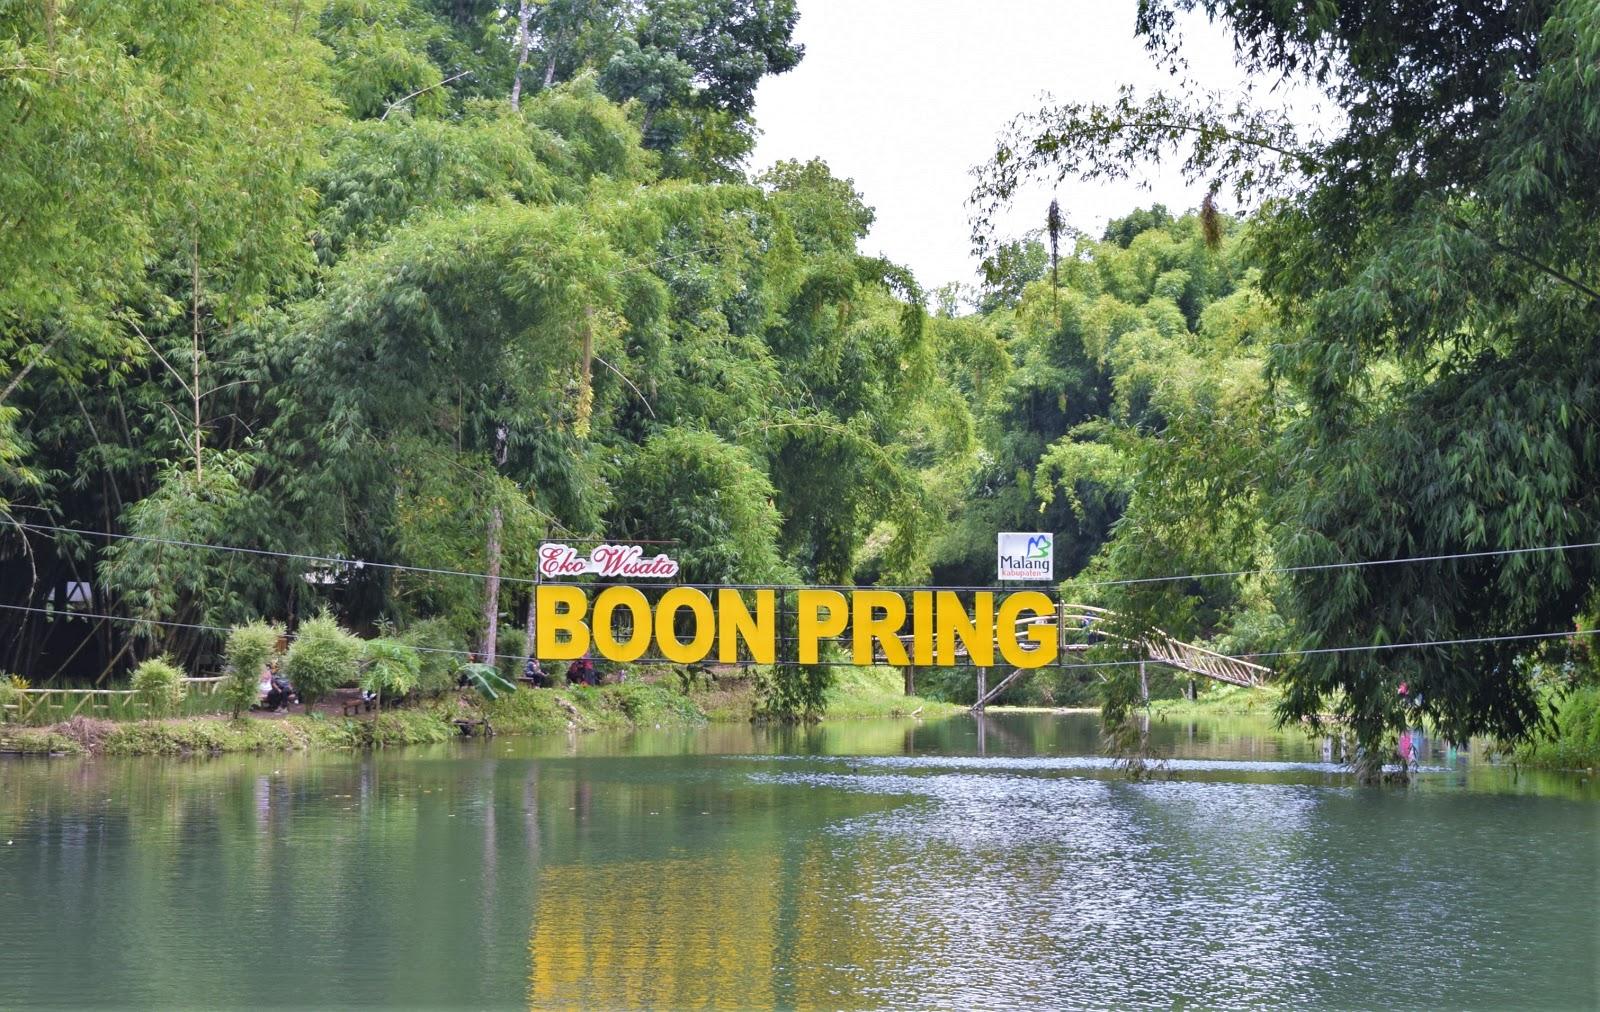 lukmanmohdluck: Boon Pring, Obyek Wisata yang Sedang Hits di Turen